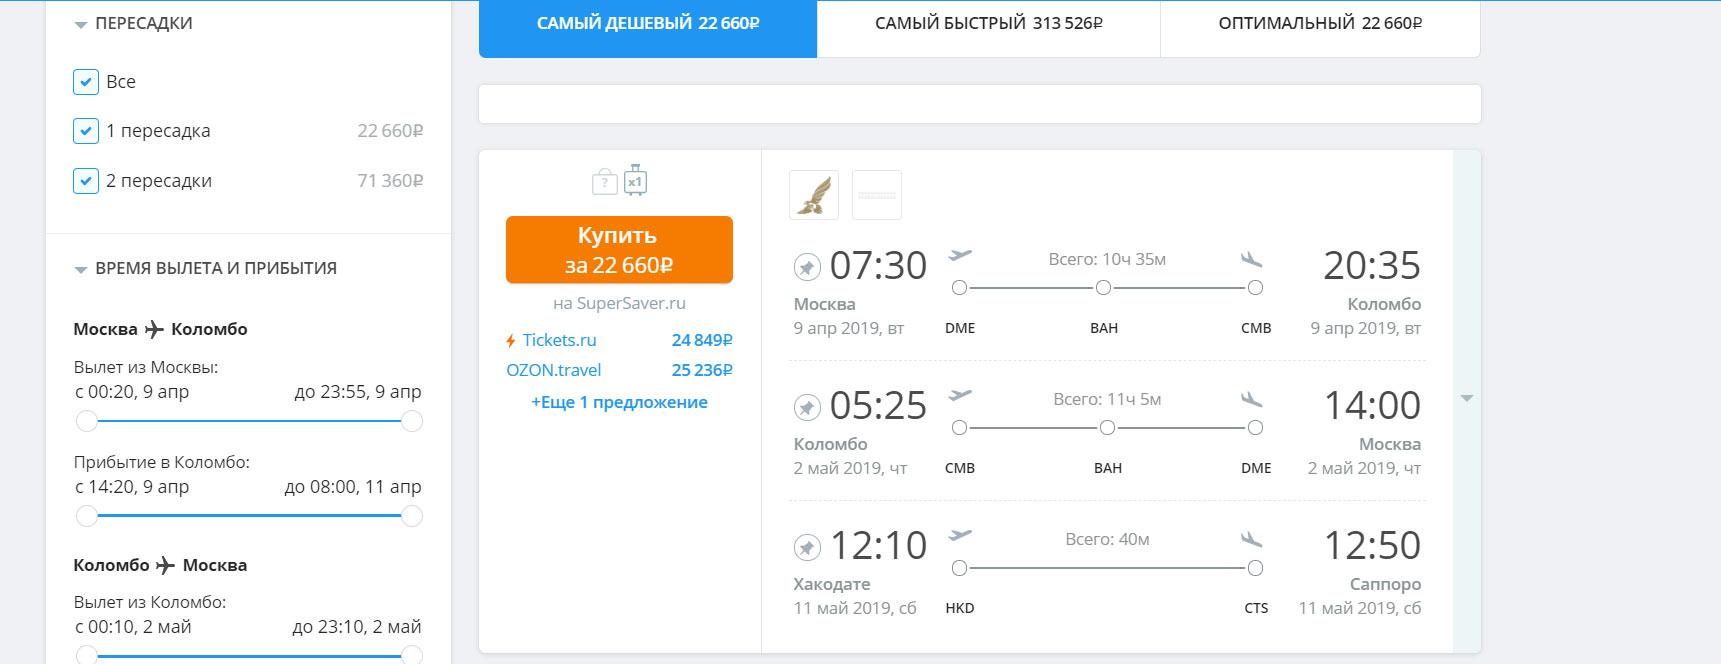 8a158d59a03f44d Gulf Air в Бангкок, Дели, Коломбо из Москвы 18000 руб - Страница 25 ...